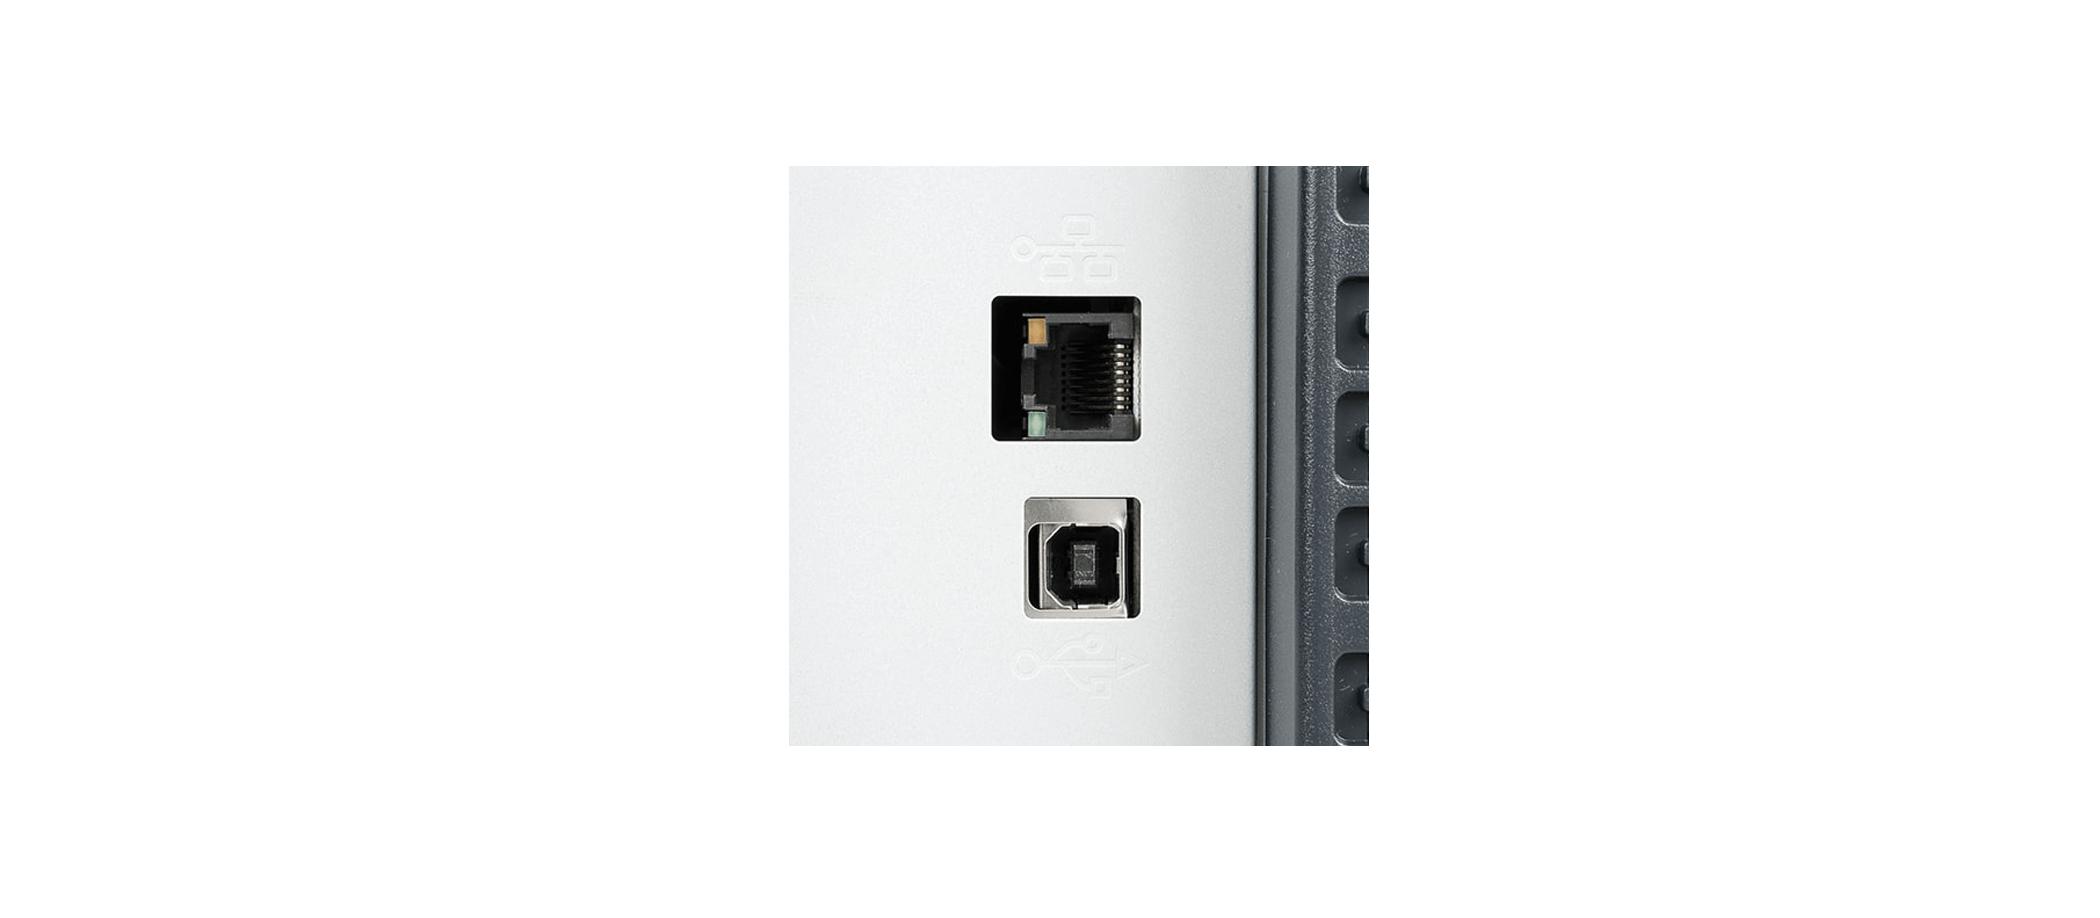 تصویر درگاه های اتصال hp 5225n - پرینتر لیزری